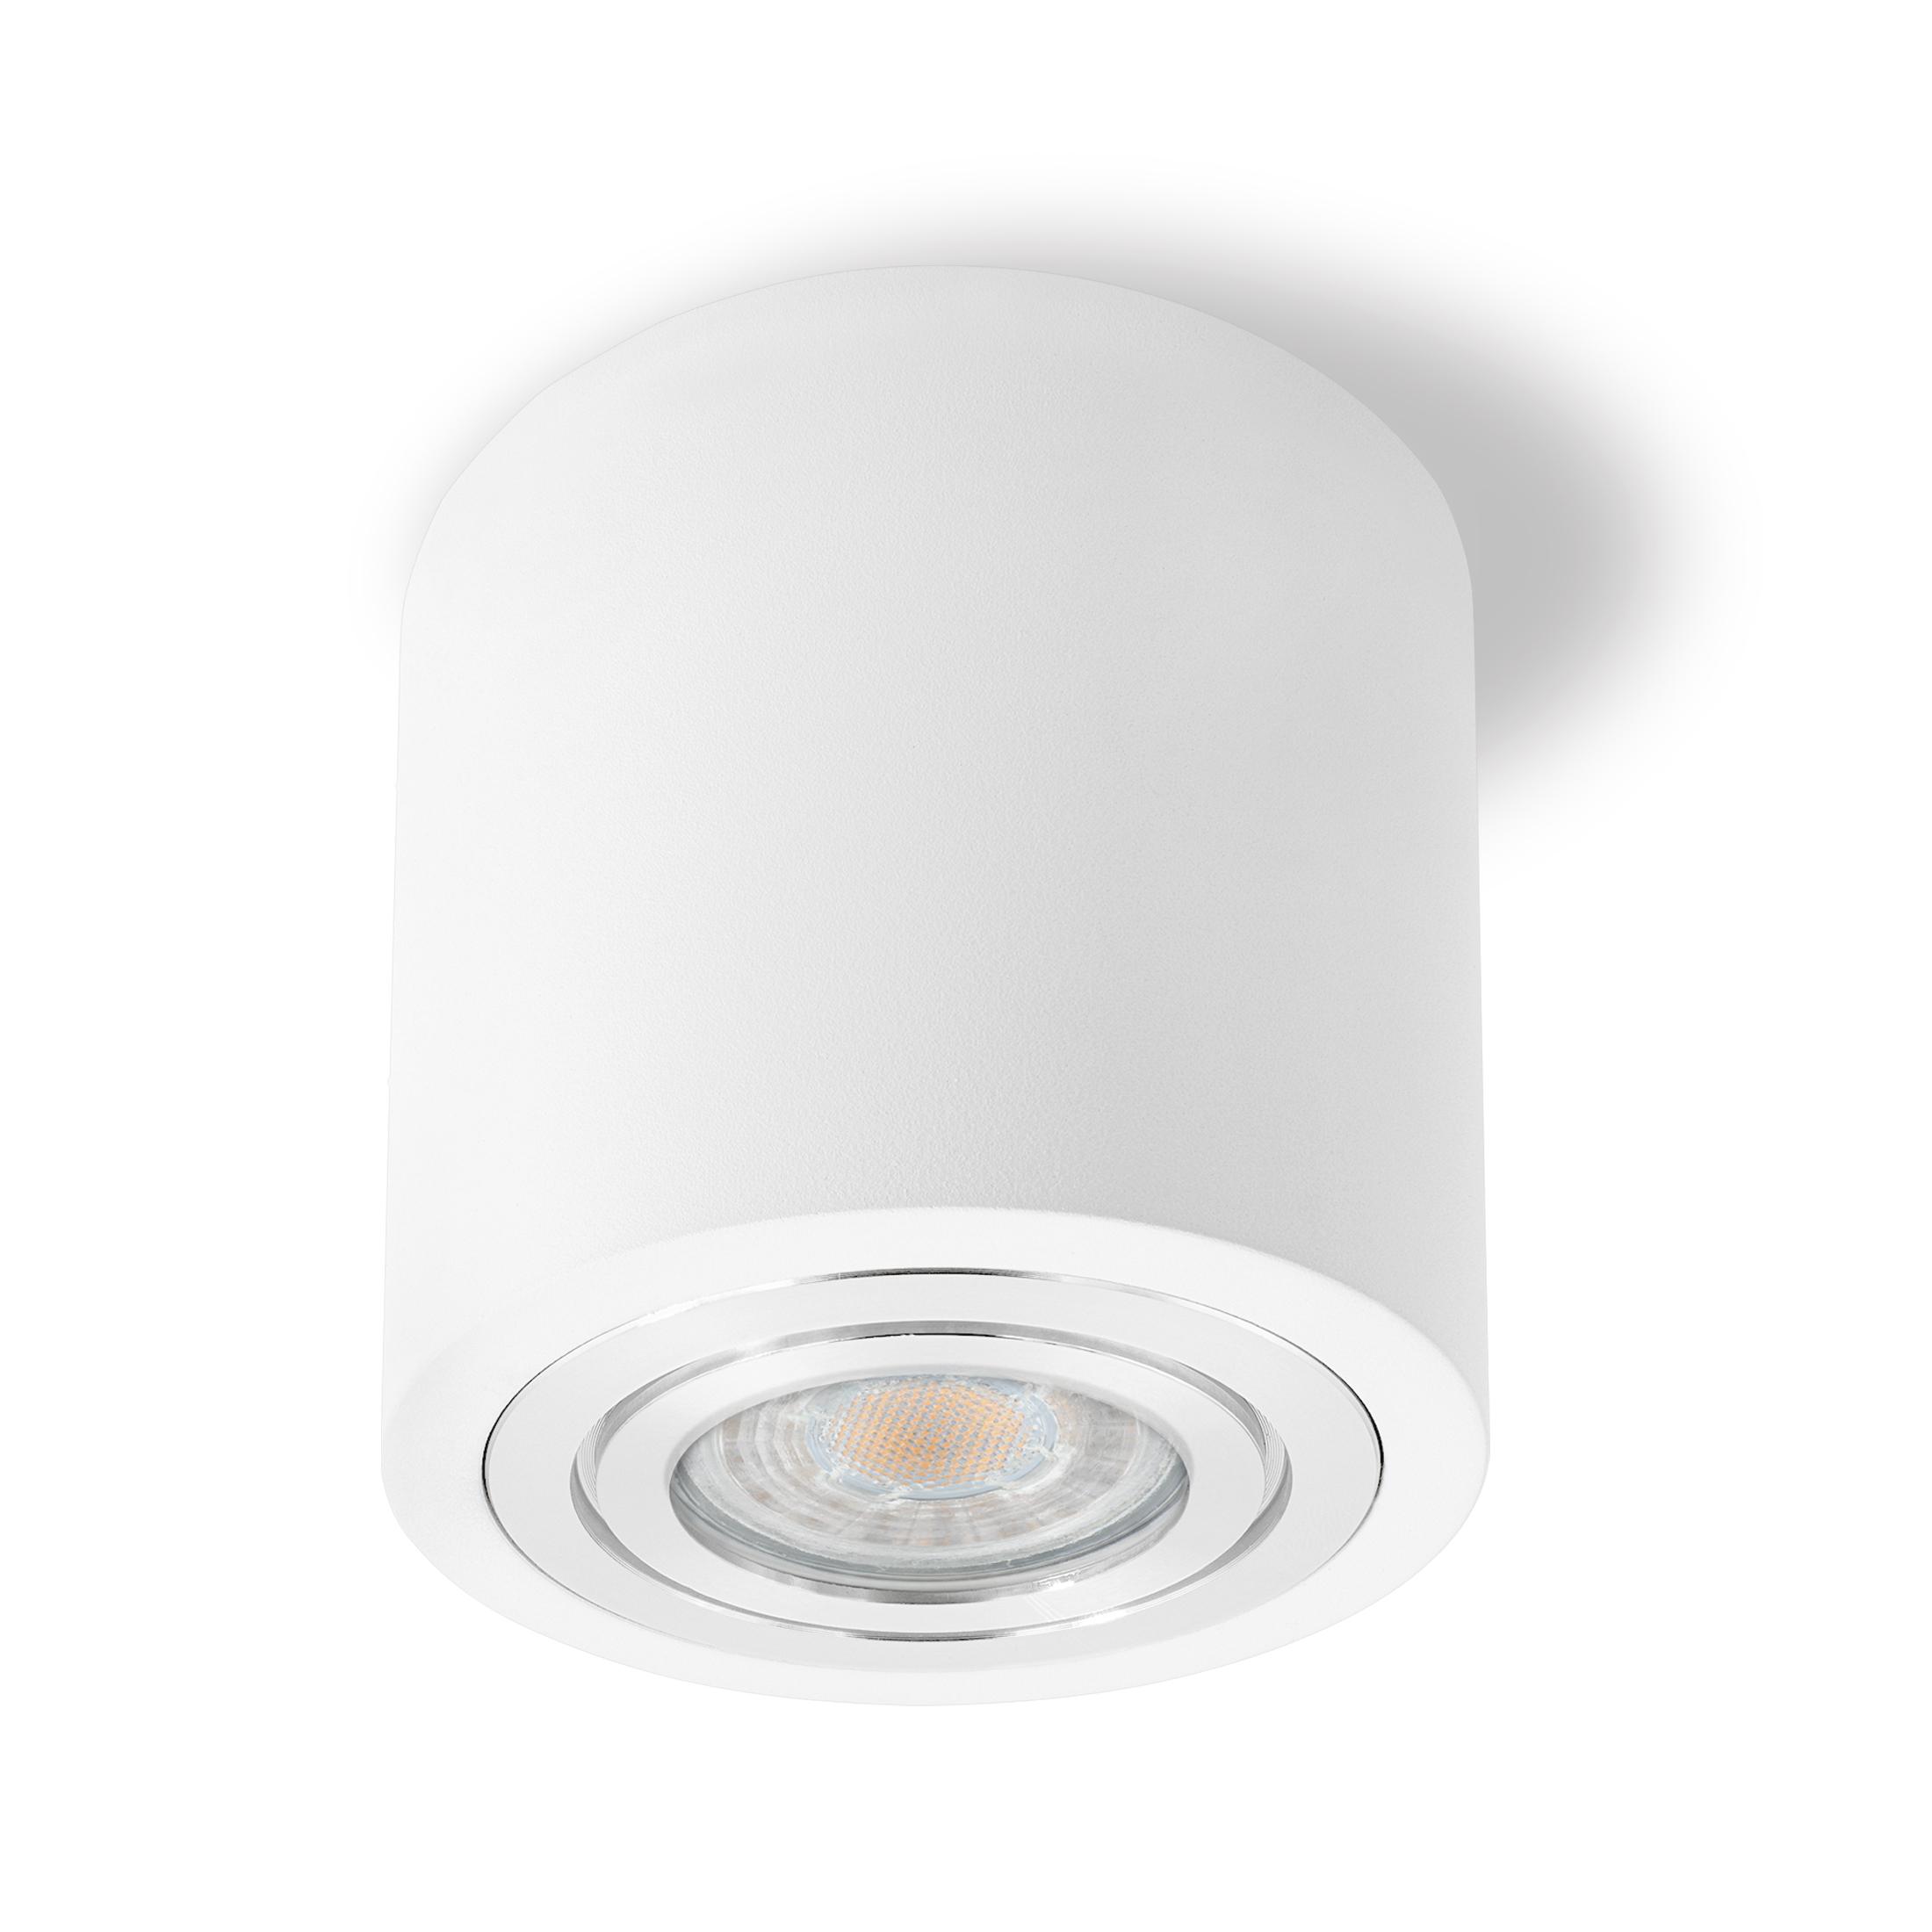 Feuchtraum Decken-Aufbau-Spot Alu weiß, IP16, inkl. LED GU16 16W 5160lm  warmweiß dimmbar